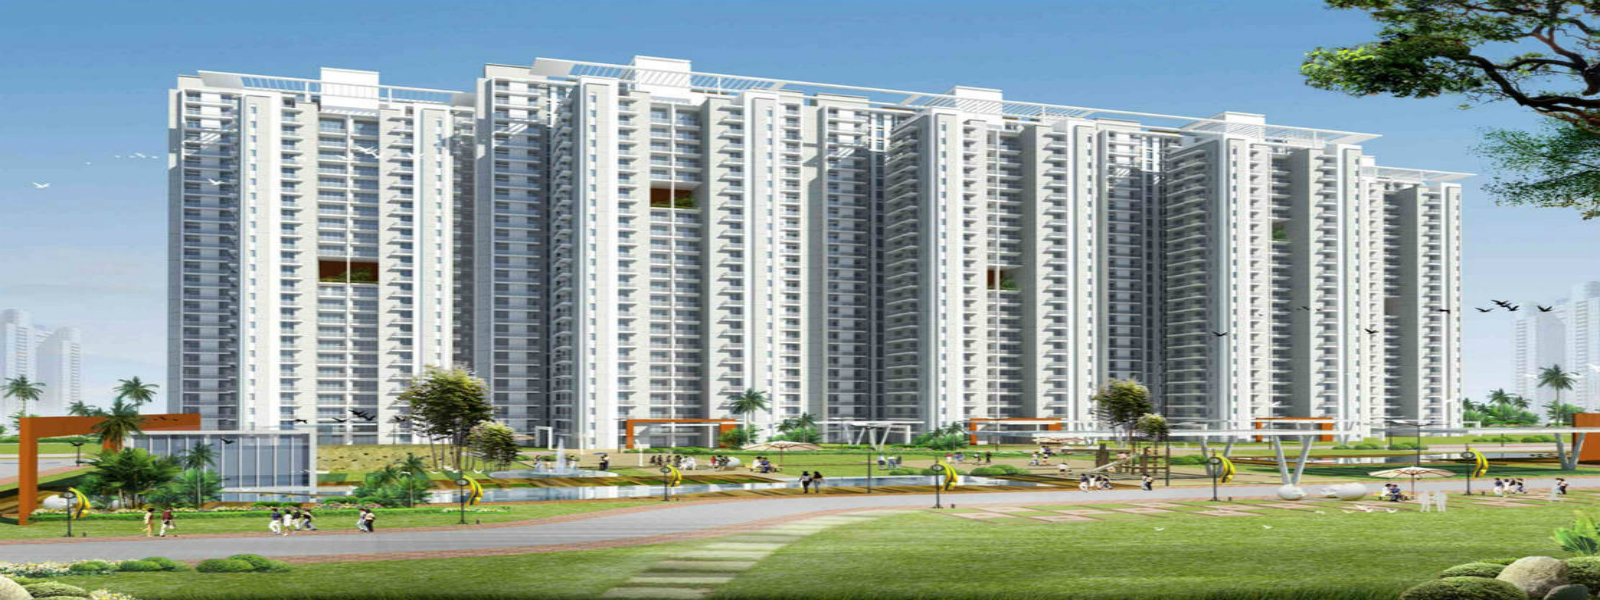 Ansal Valley View Estate Faridabad Road,Gurgaon